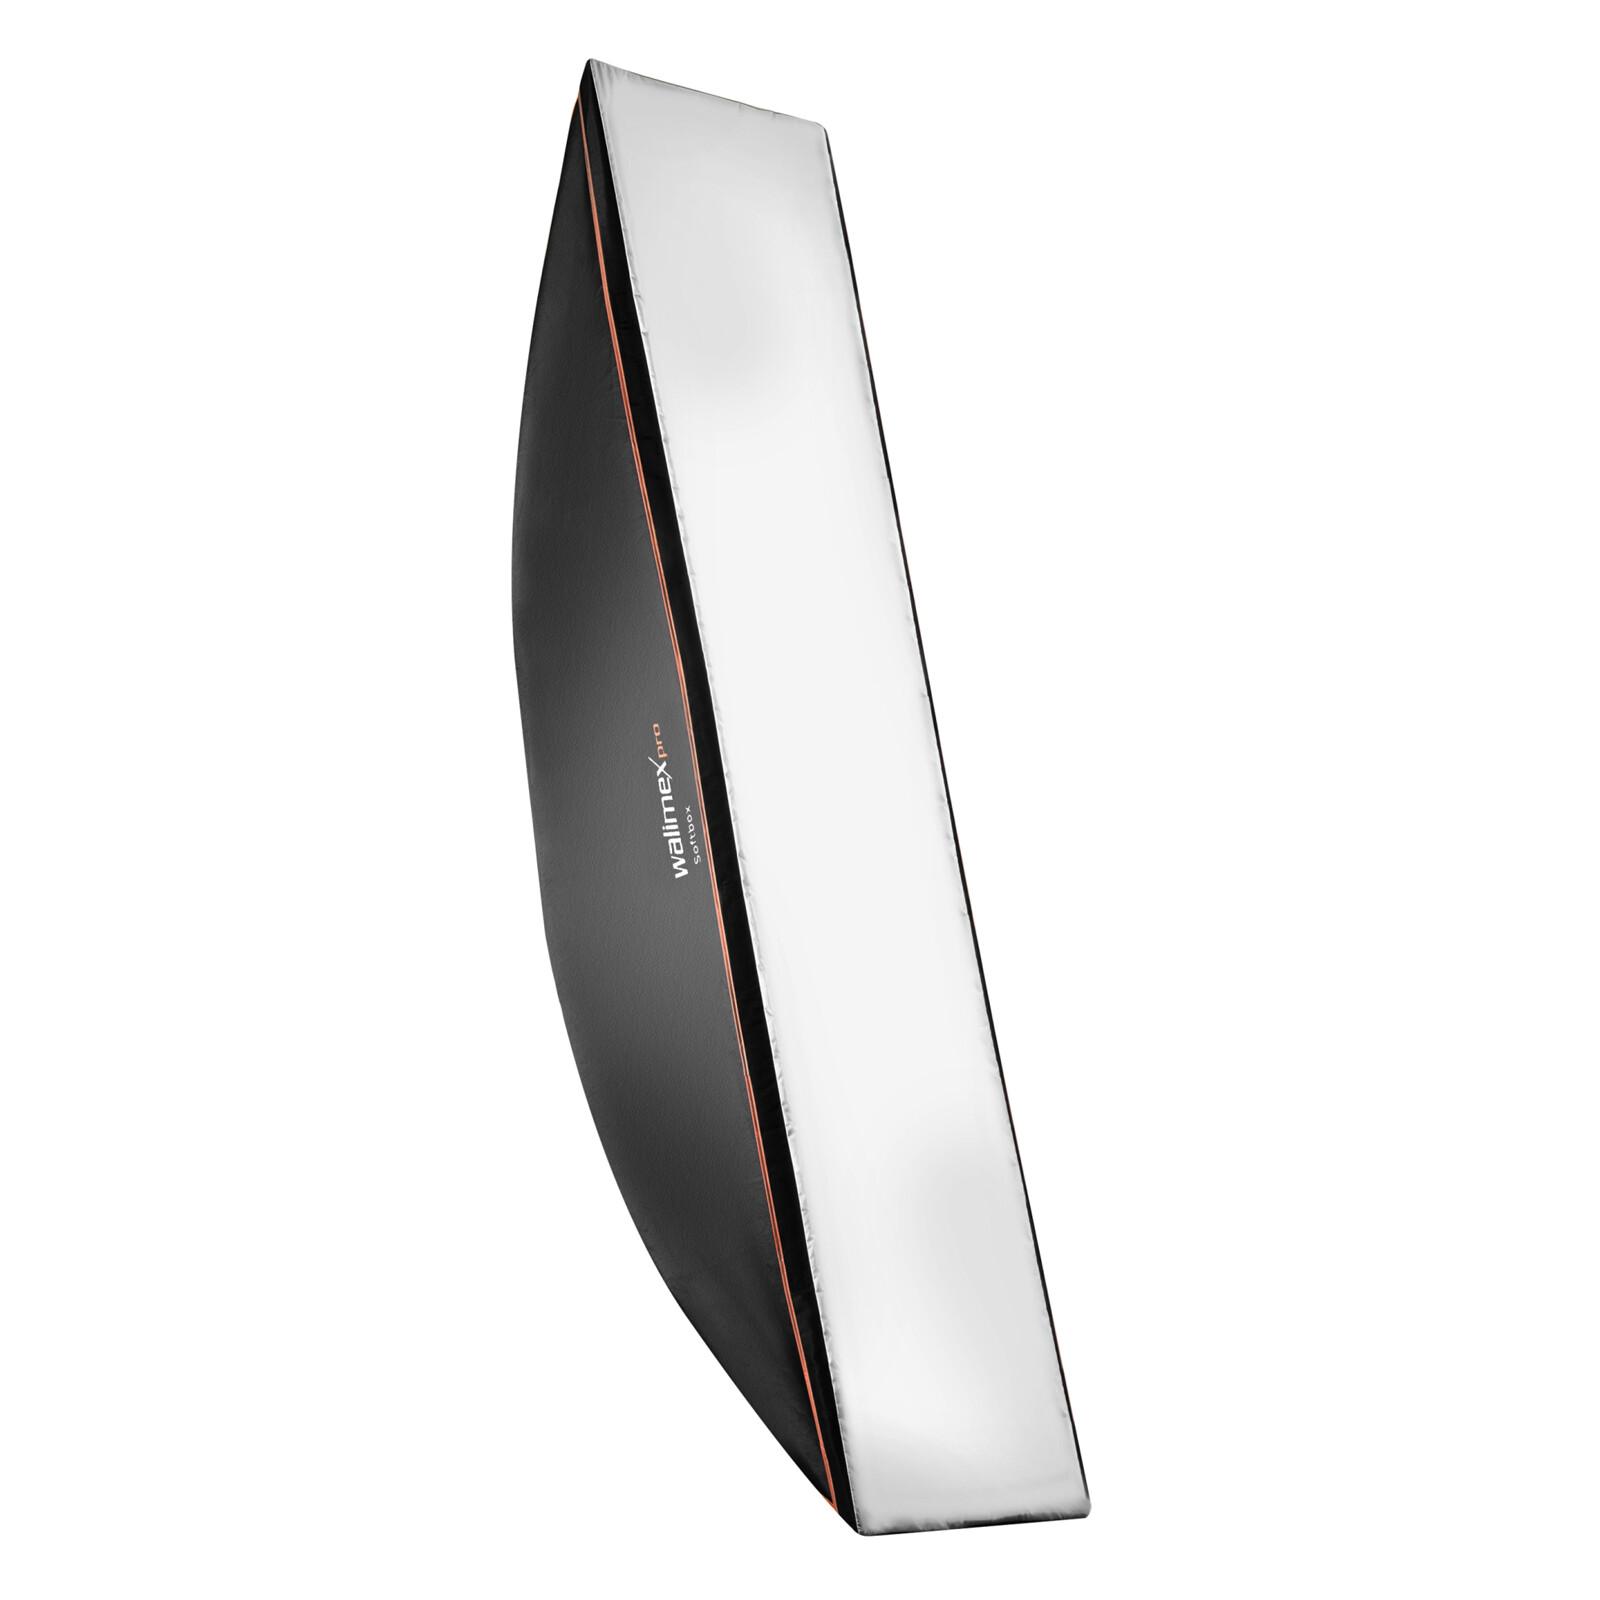 walimex pro Softbox OL 30x120cm walimex C&CR Serie